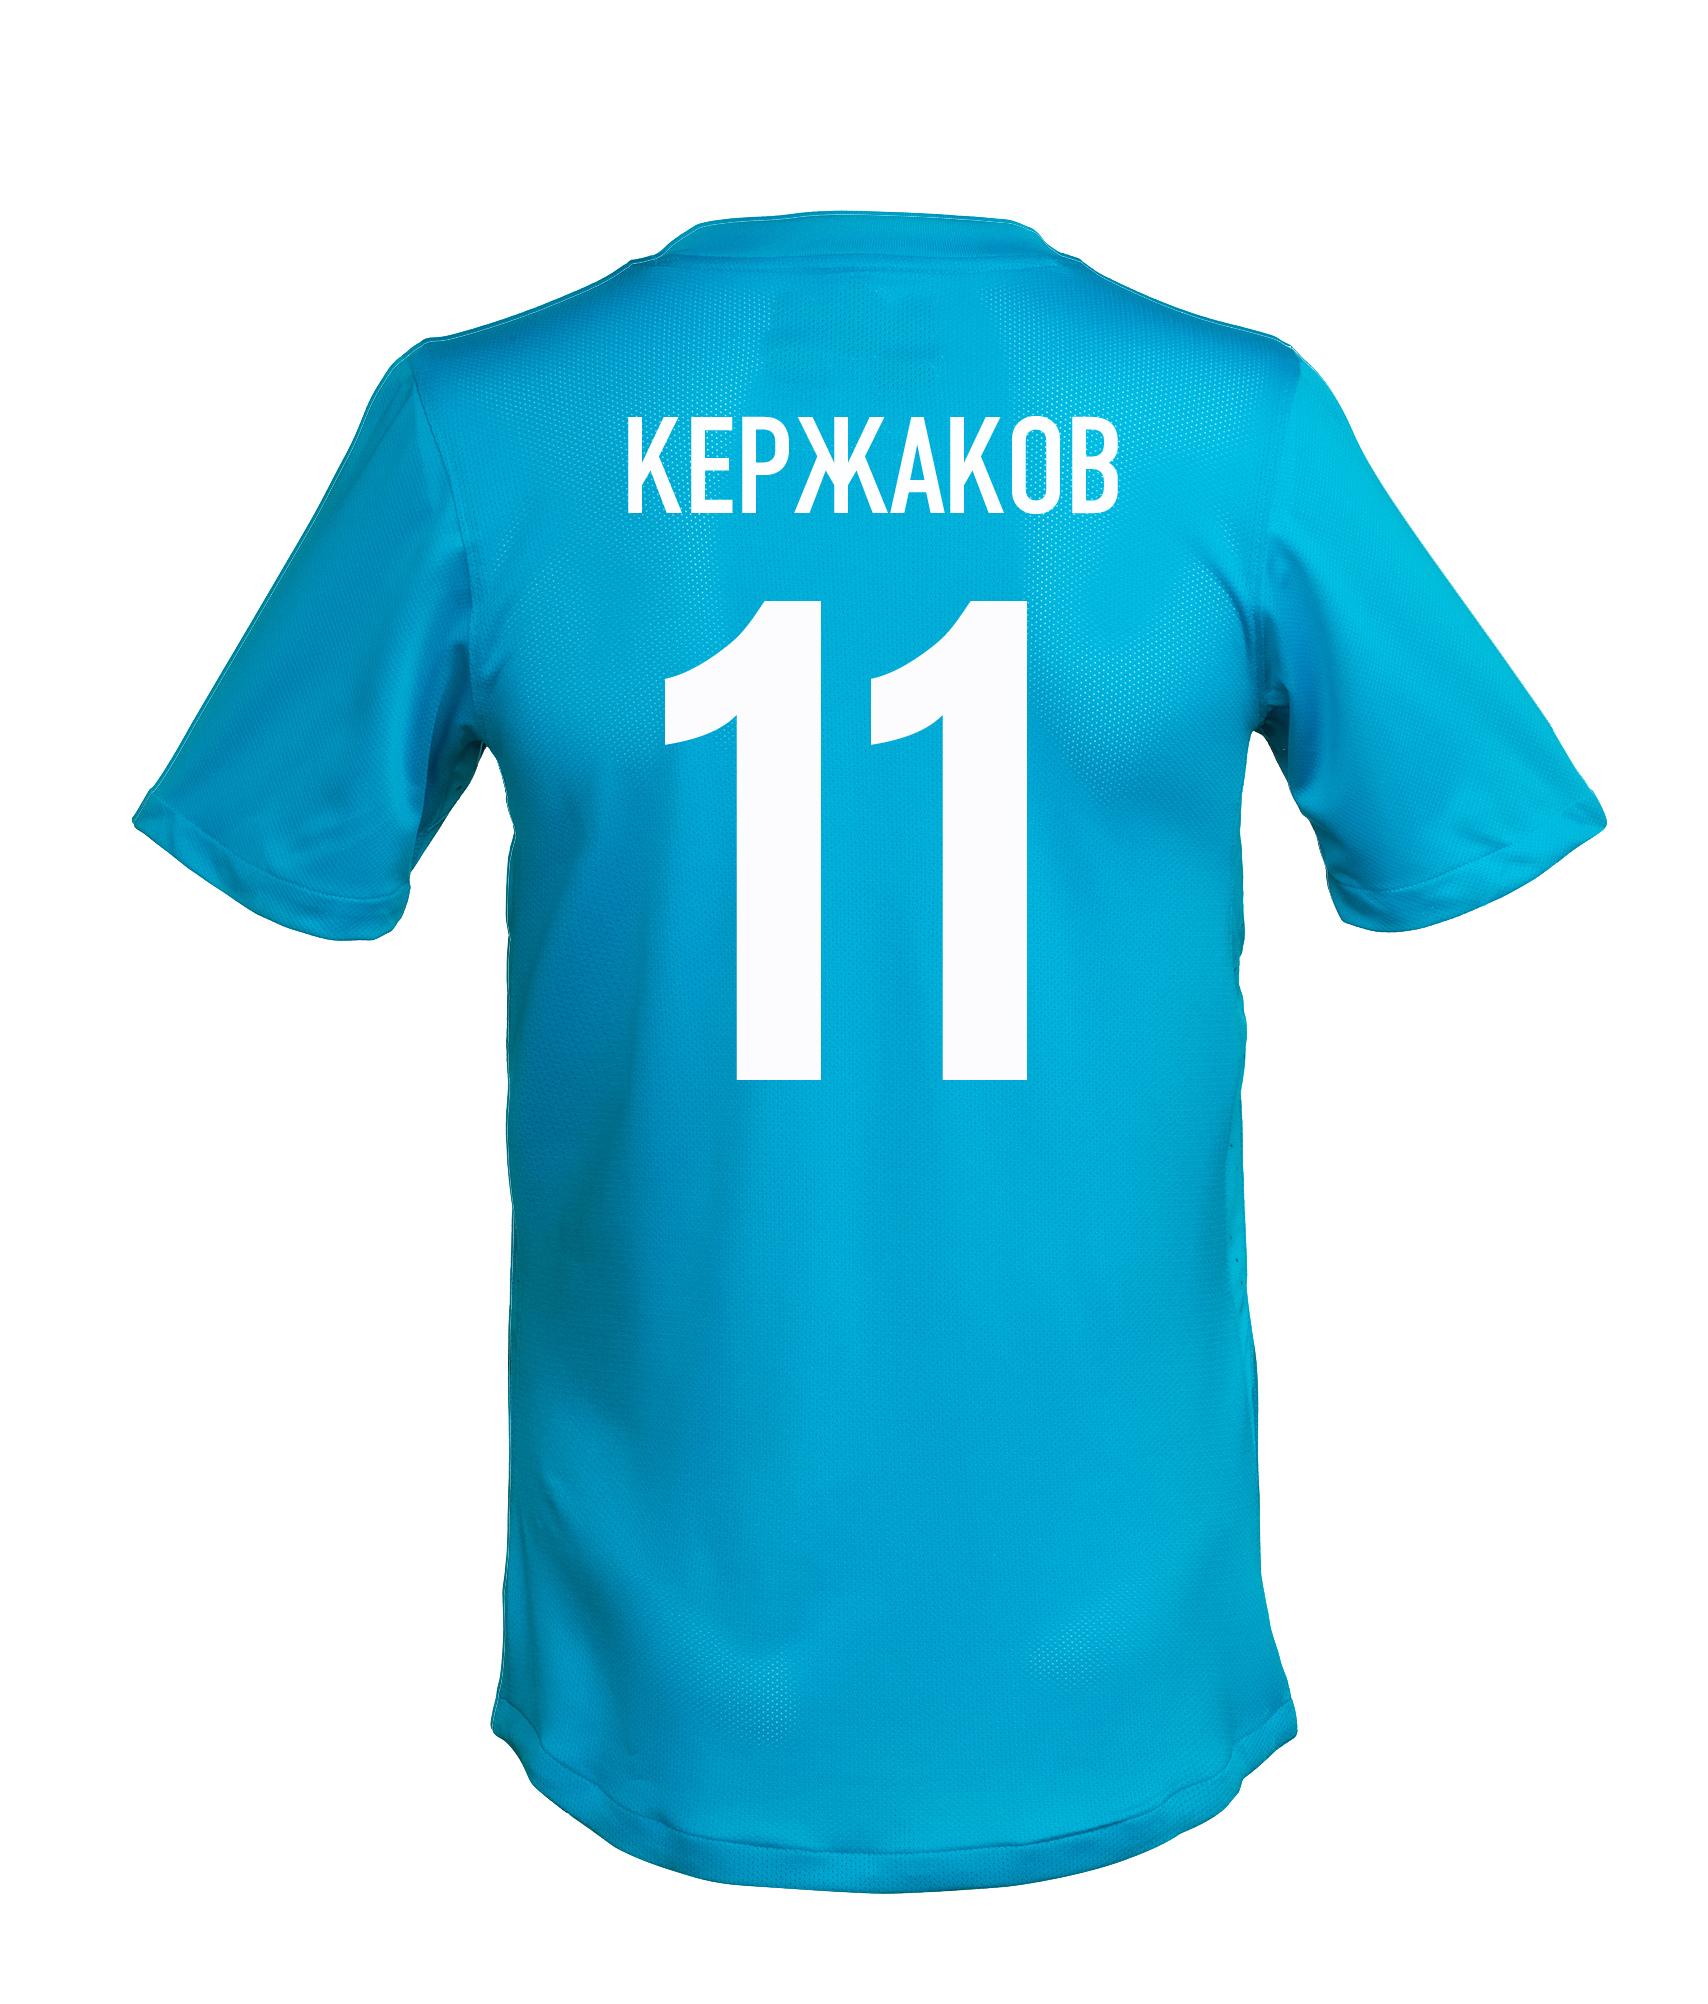 Игровая футболка с фамилией и номером А. Кержакова, Цвет-Синий, Размер-M